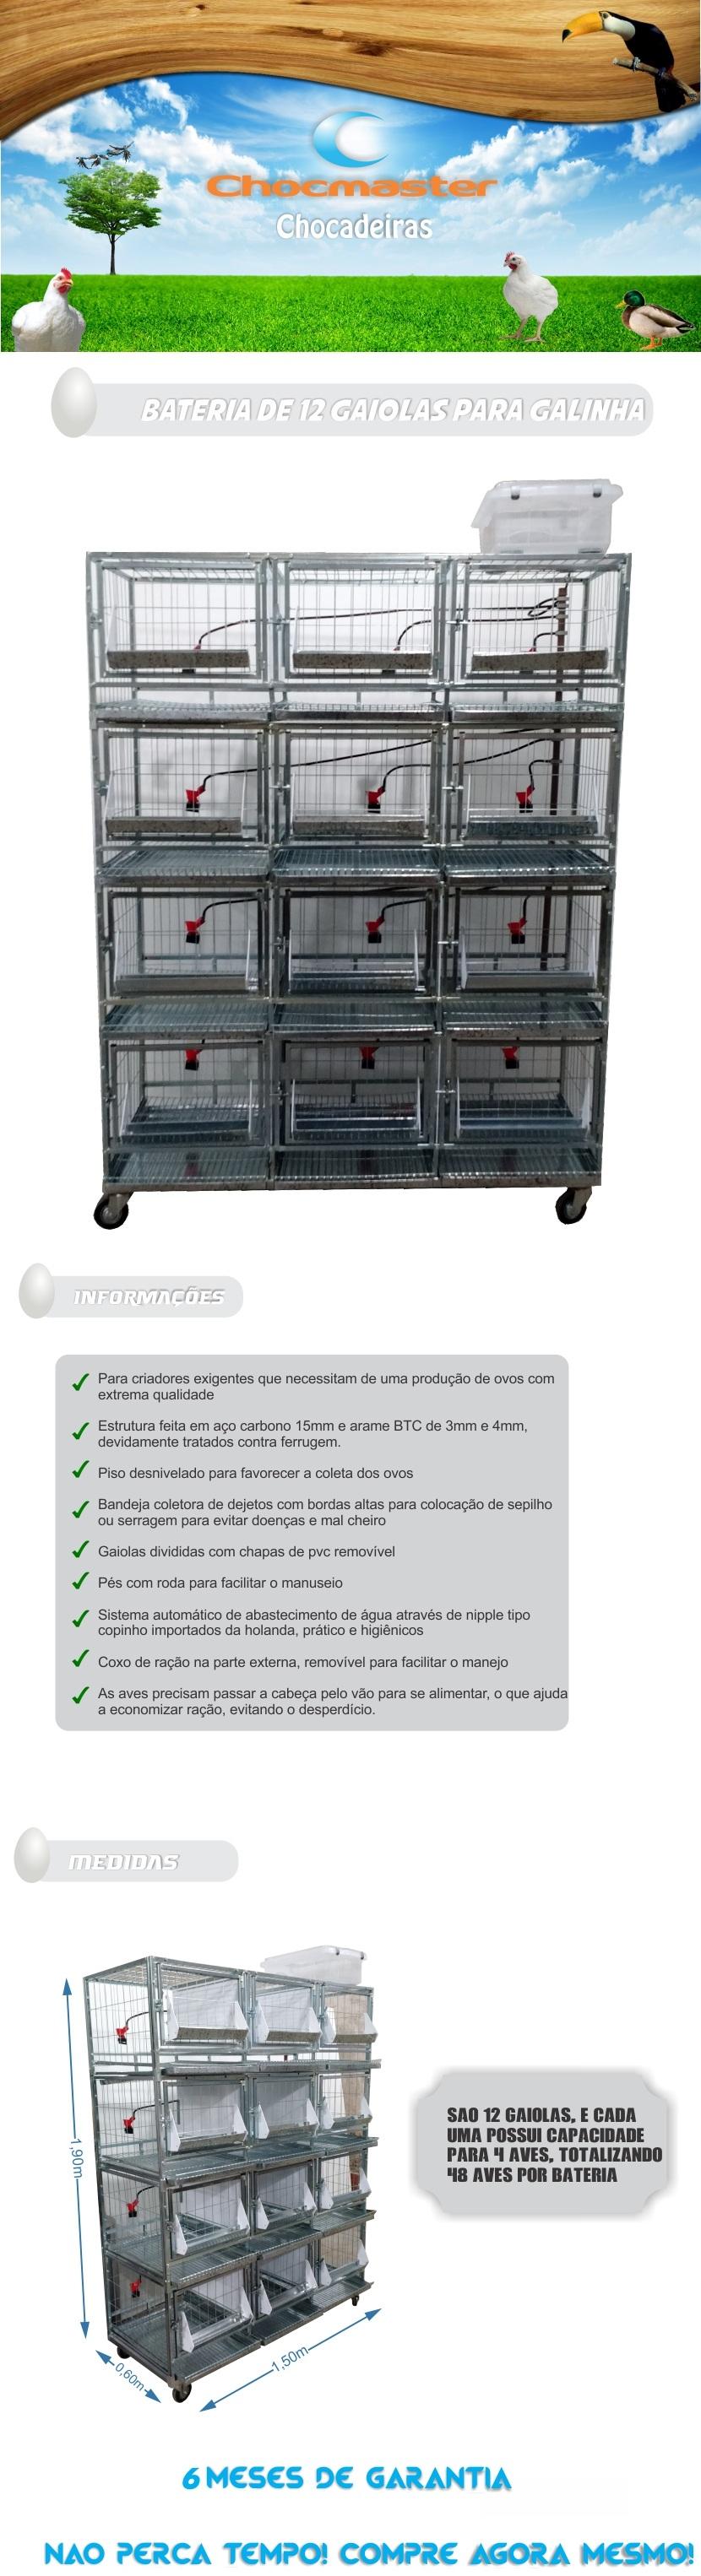 Chocmaster Chocadeiras - A evolução!